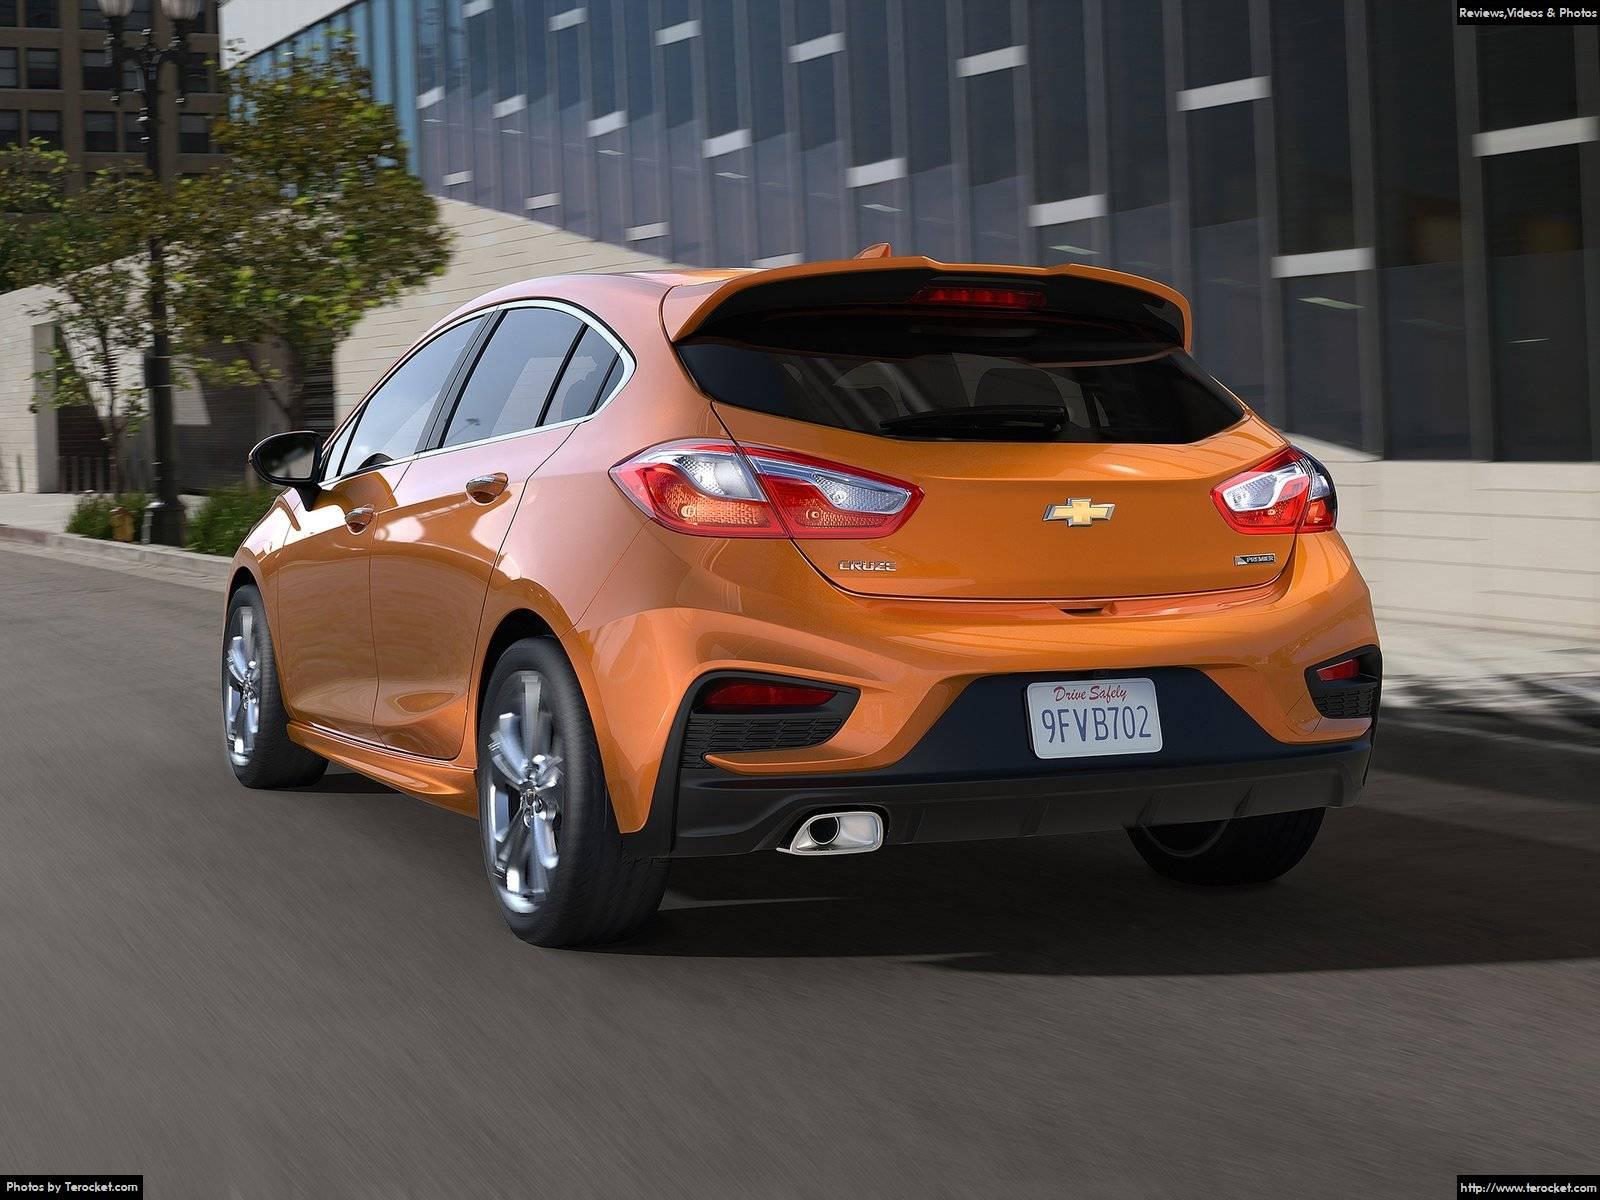 Hình ảnh xe ô tô Chevrolet Cruze Hatchback 2017 & nội ngoại thất